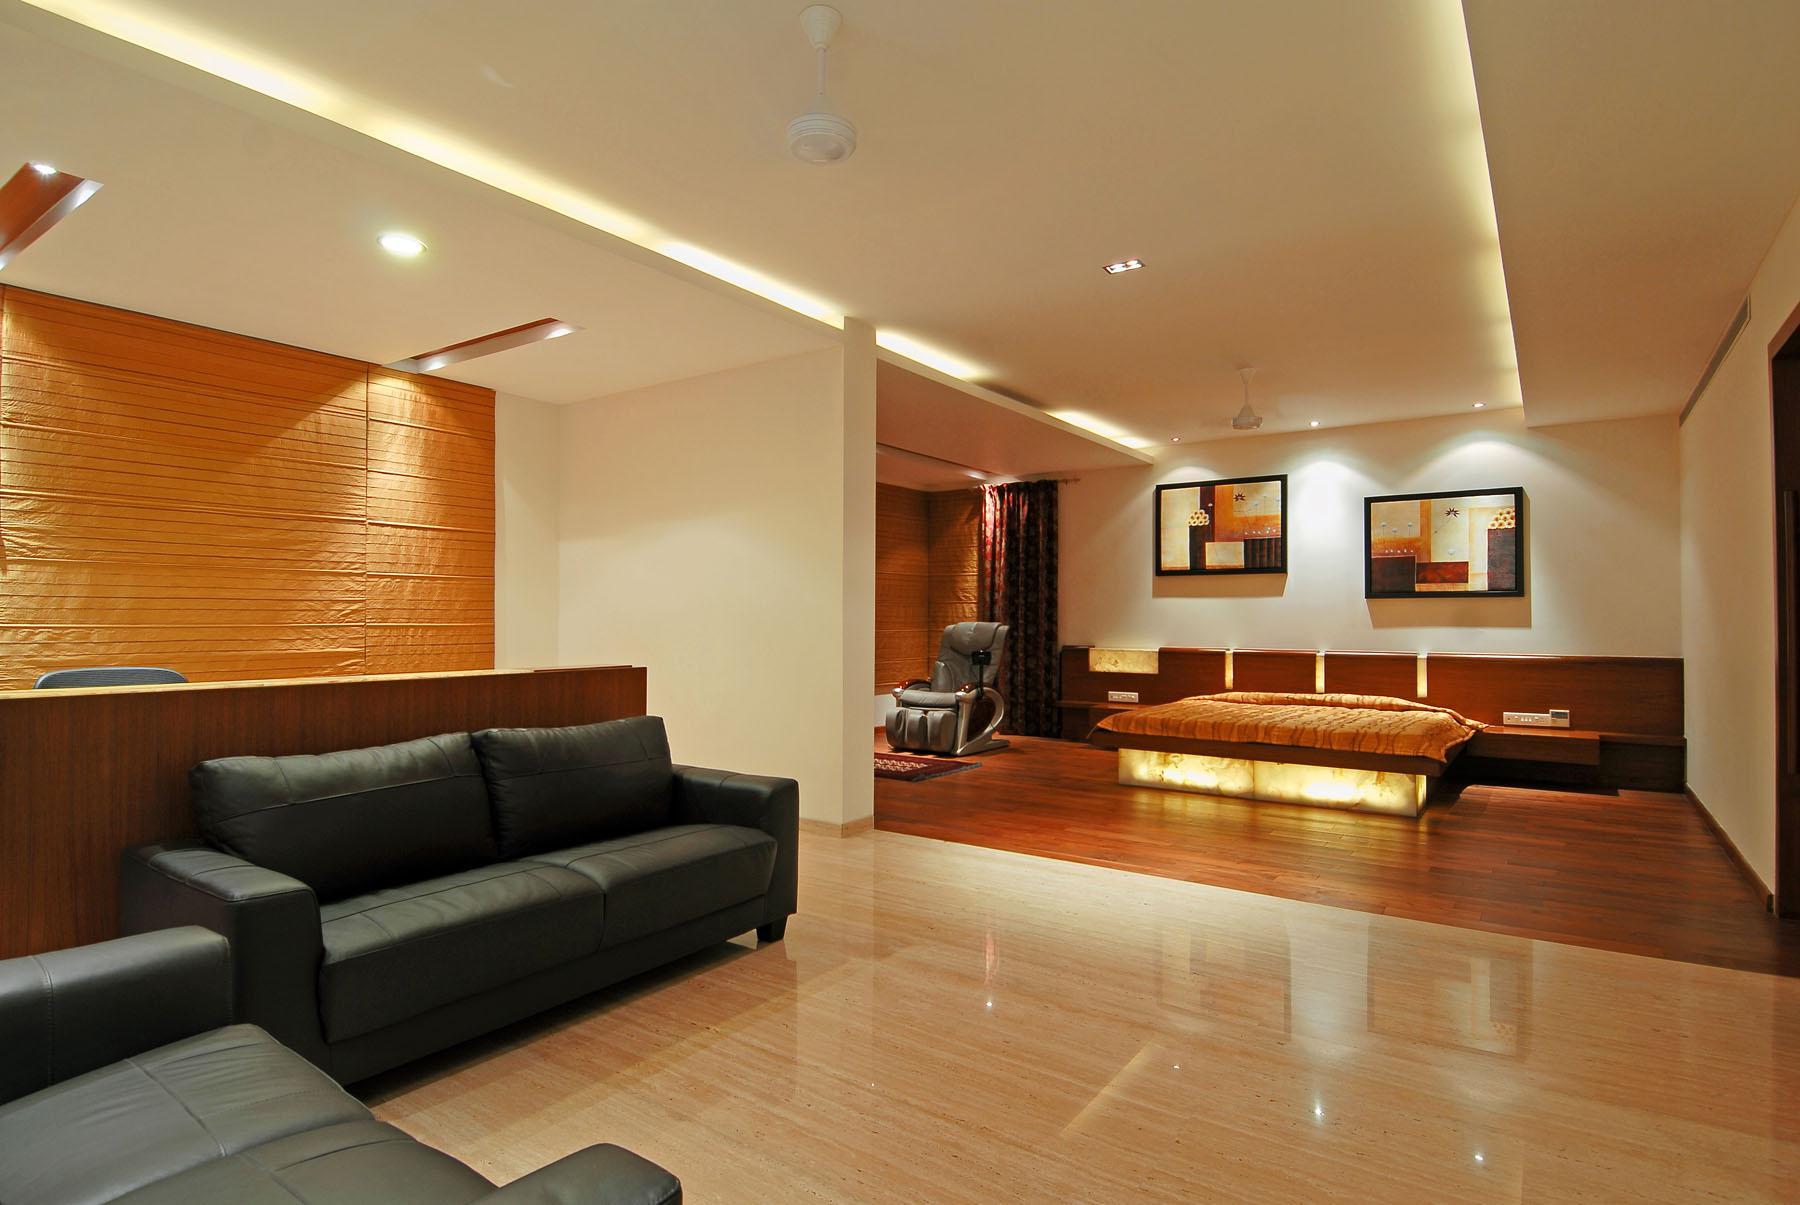 Светодиодная подсветка потолка в квартире-студии